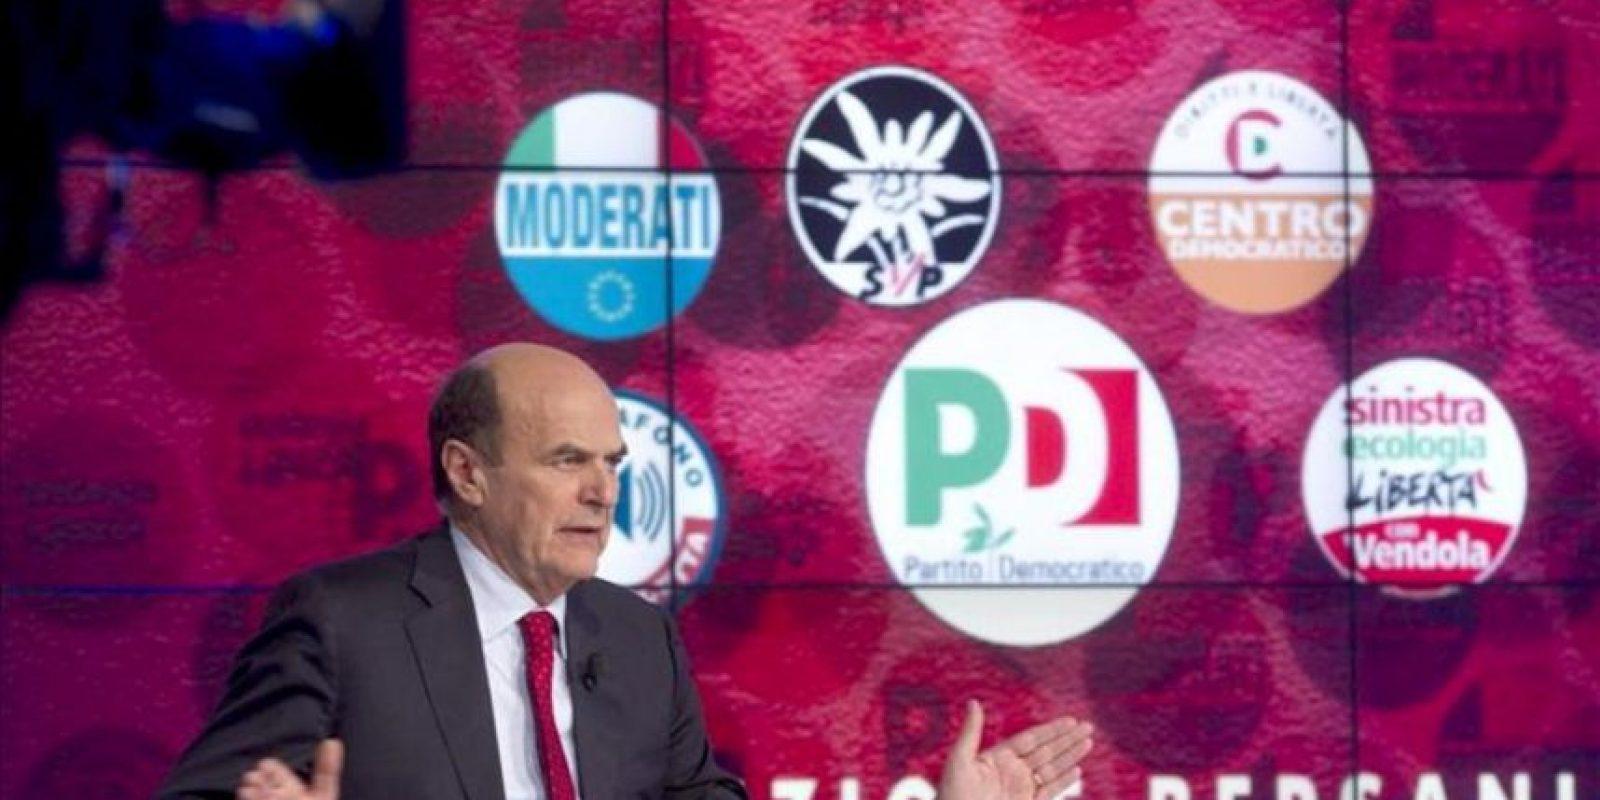 El líder del Partido Democrático (PD), Pier Luigi Bersani. EFE